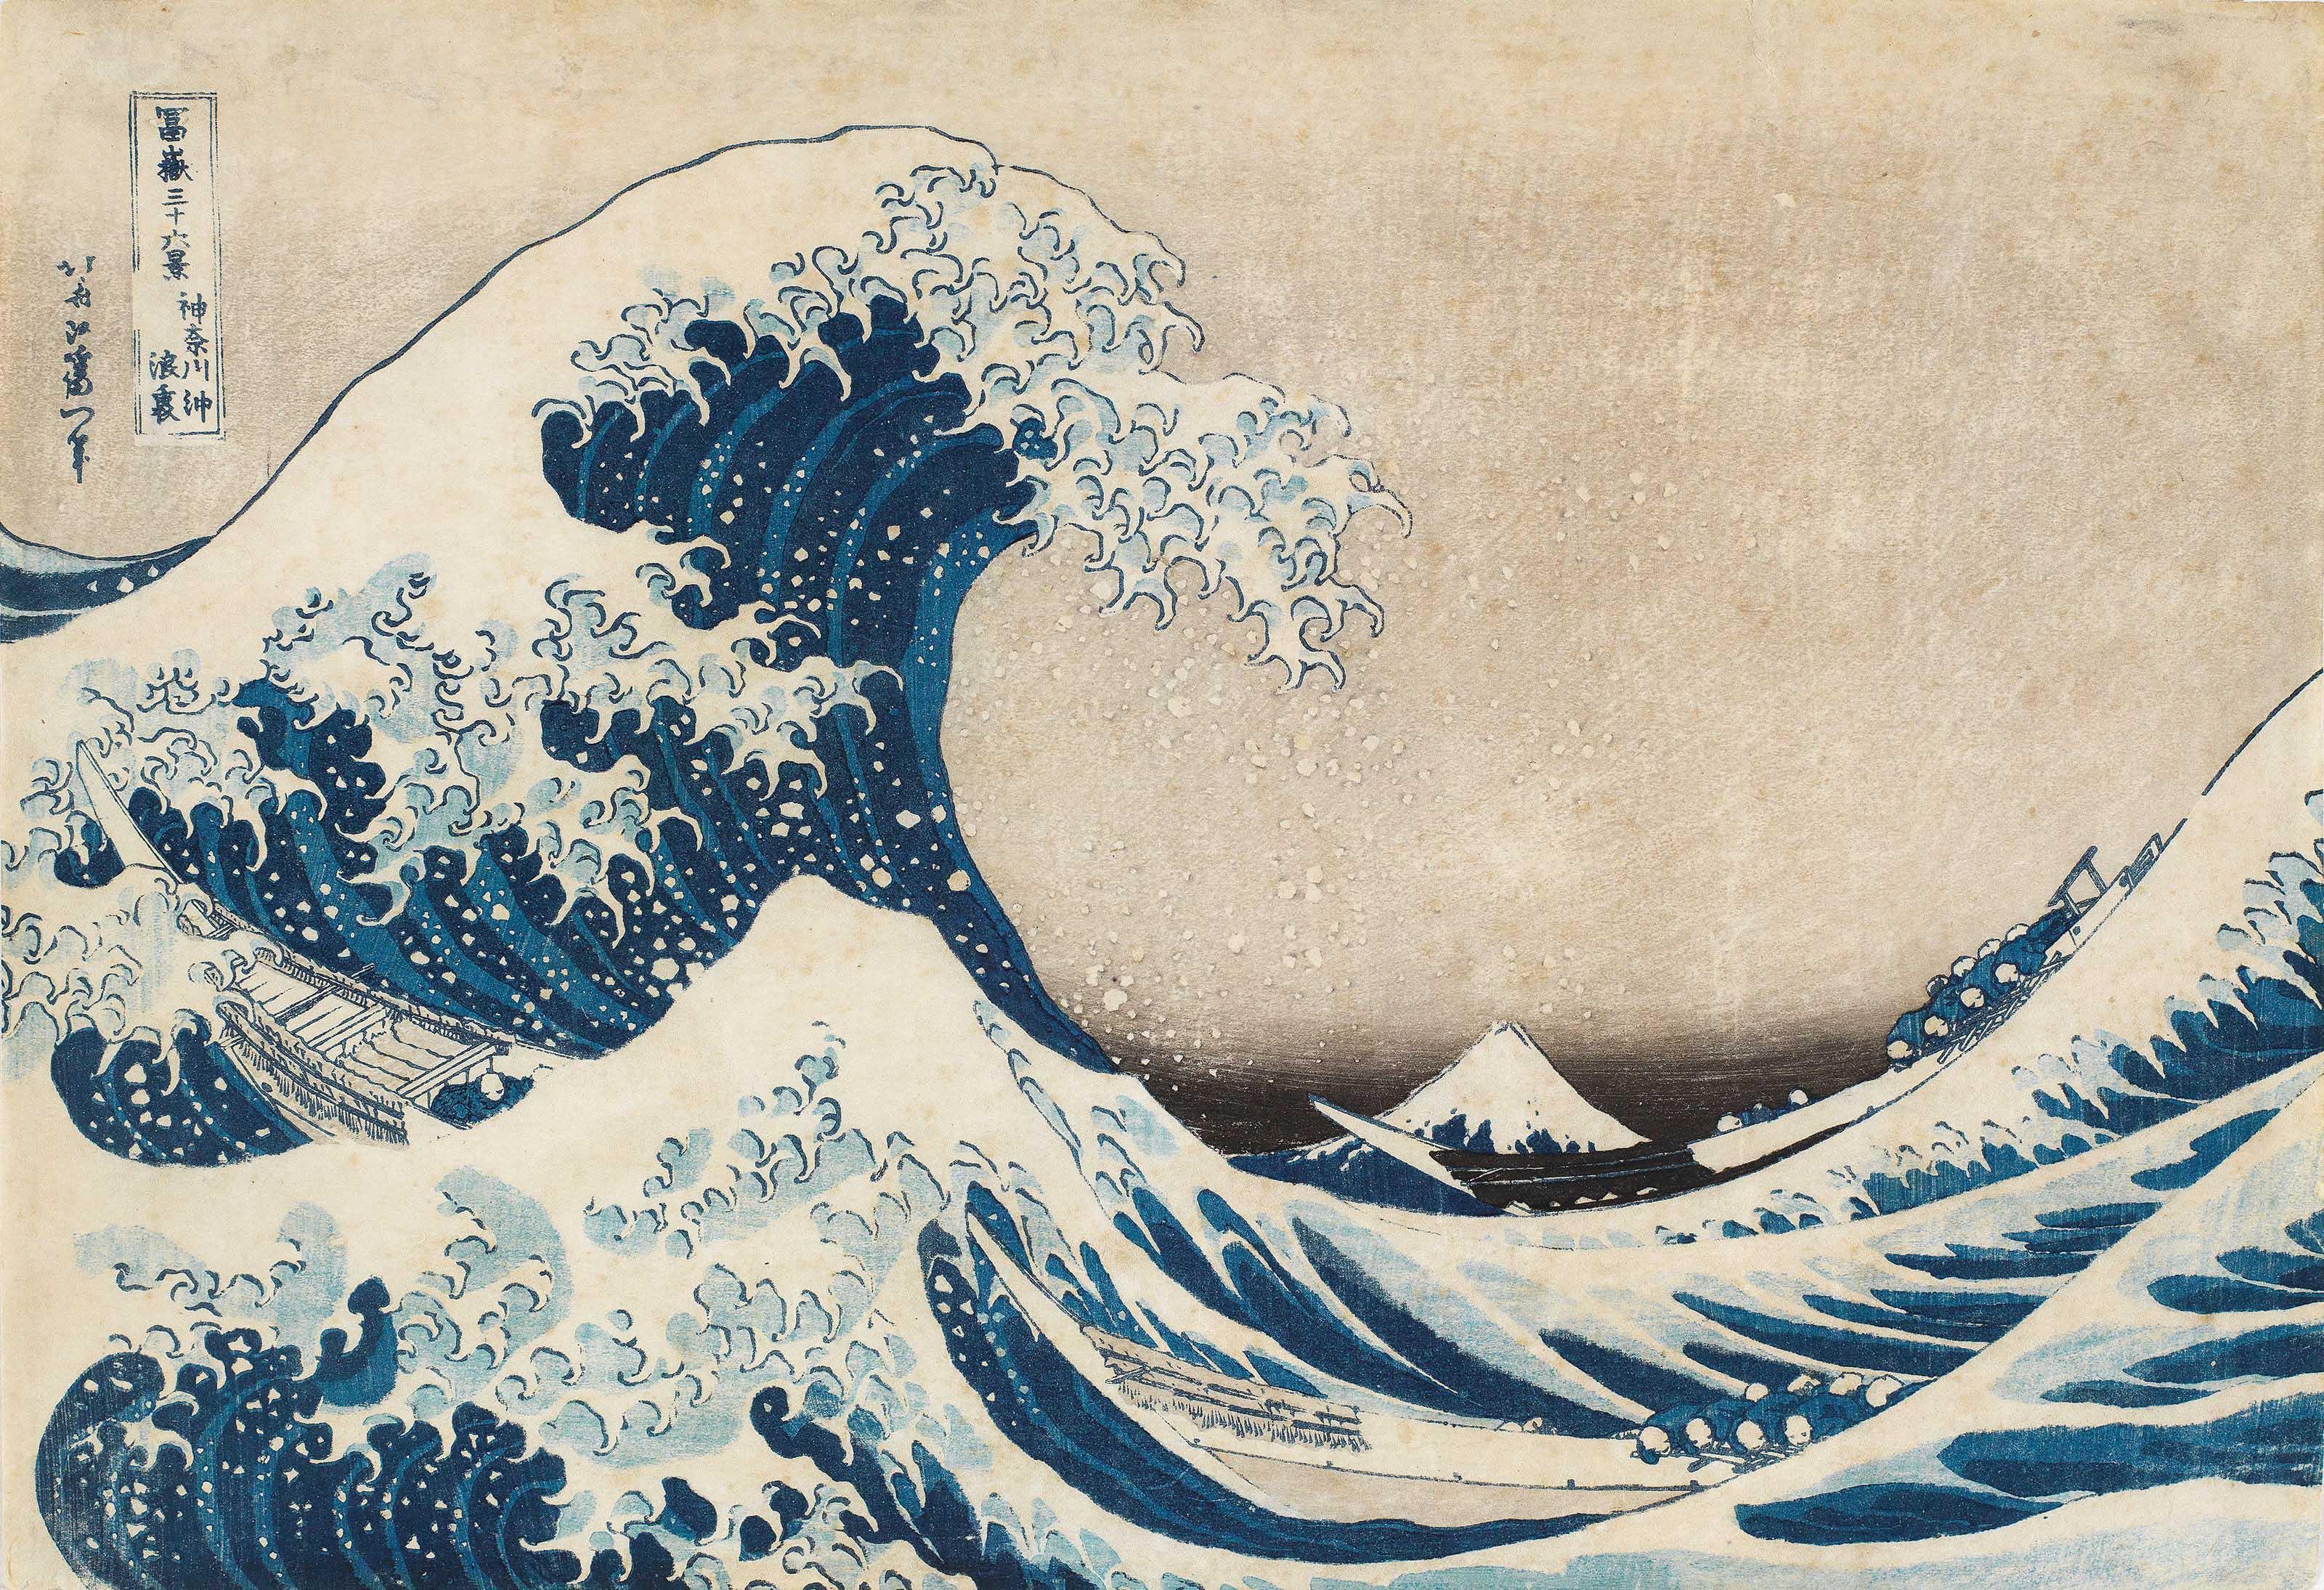 In The Well of the Great Wave off Kanagawa (Kanagawa oki nami ura)